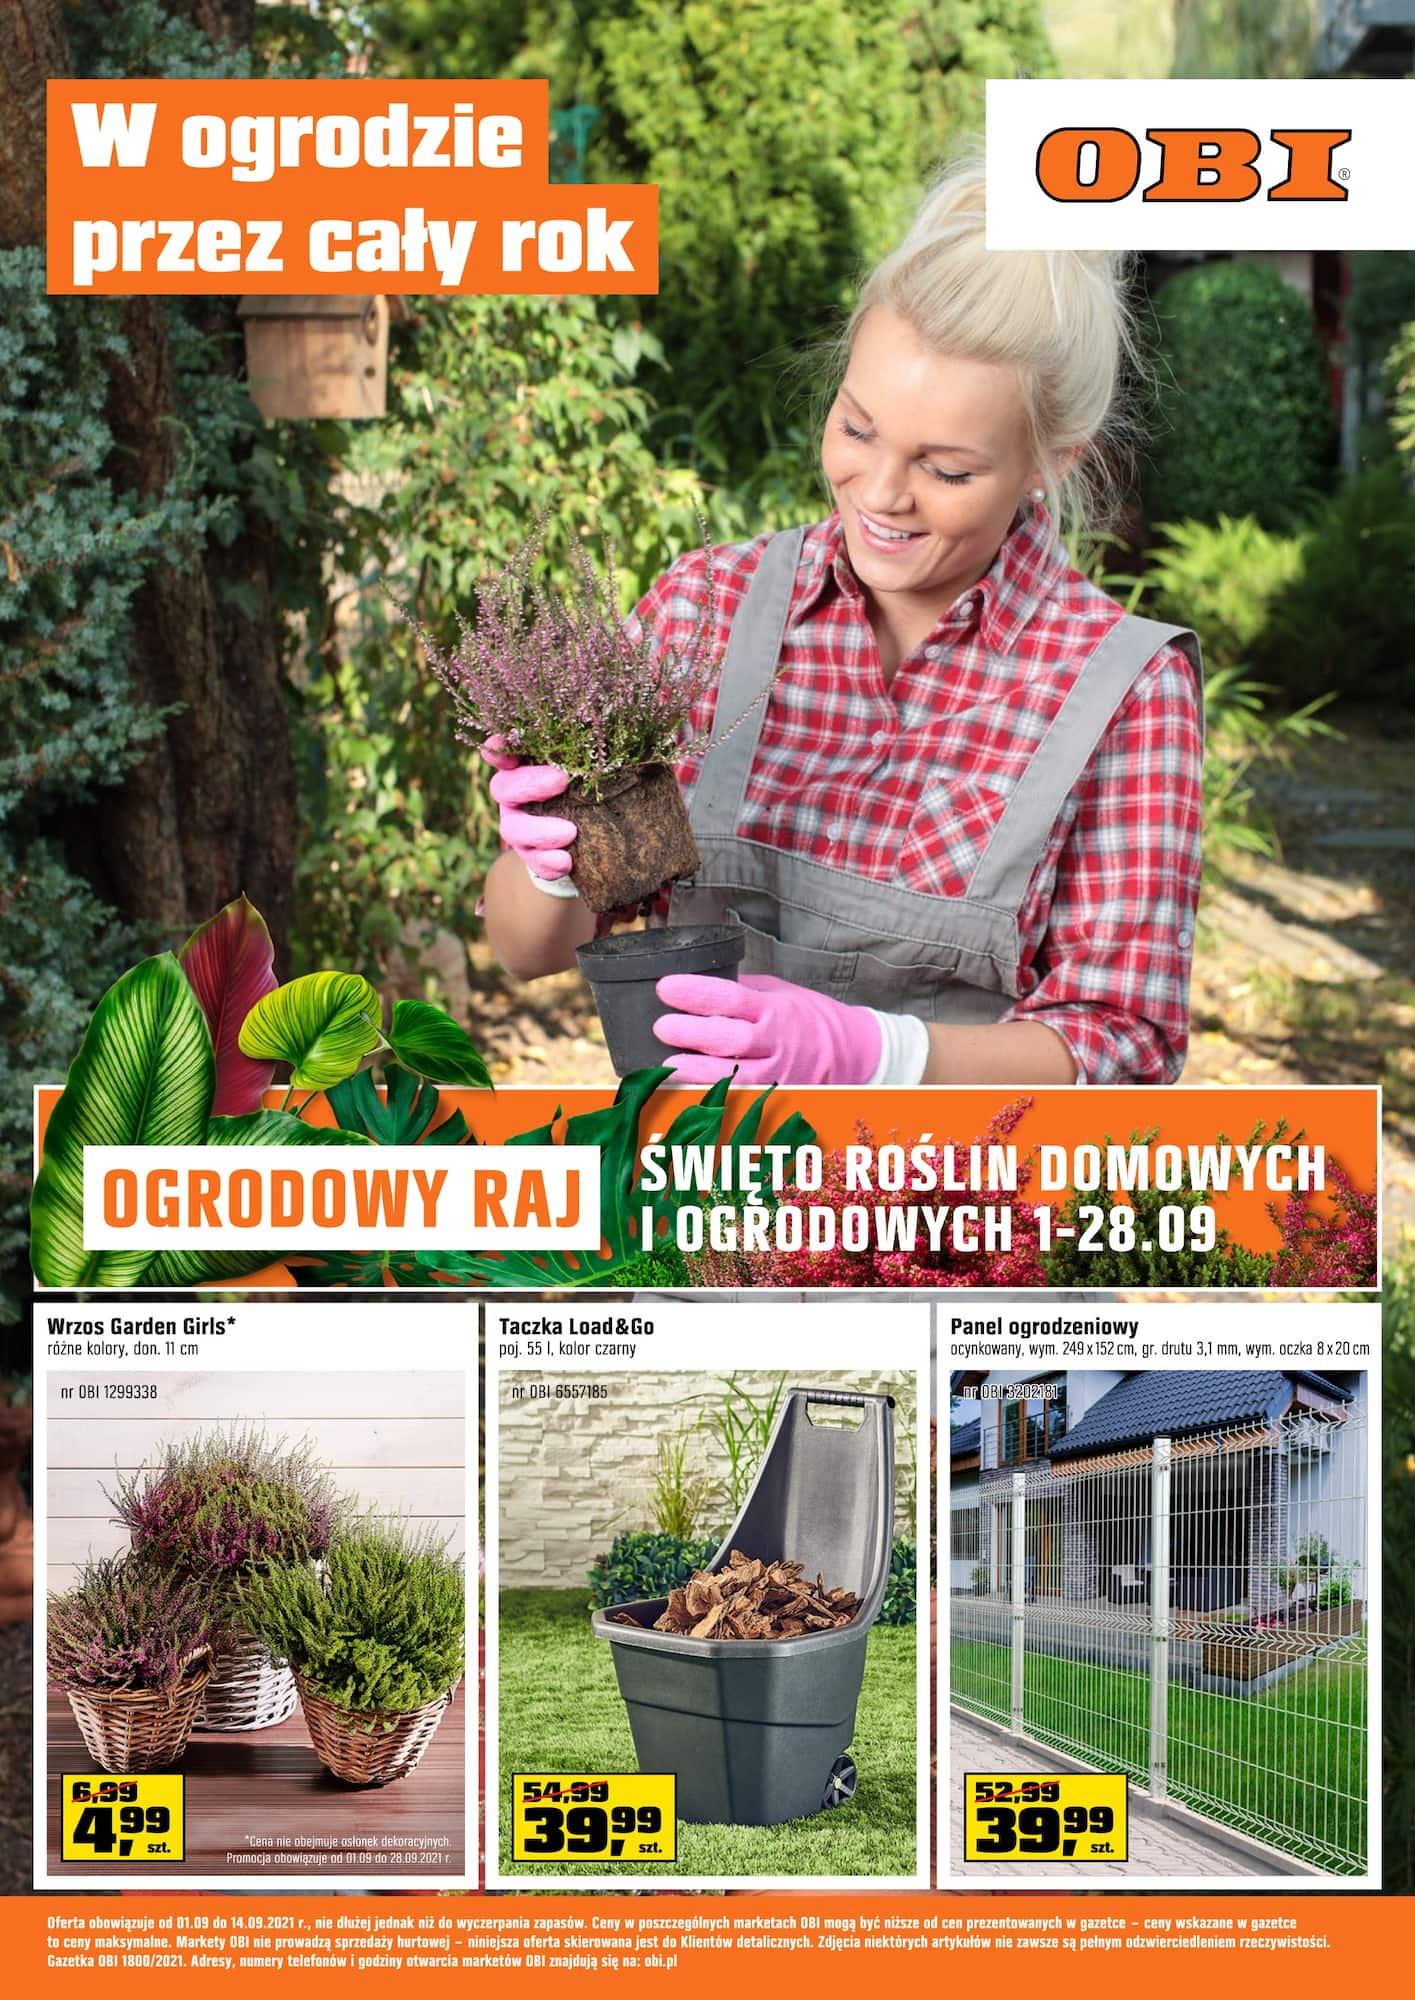 Gazetka W ogrodzie przez cały rok